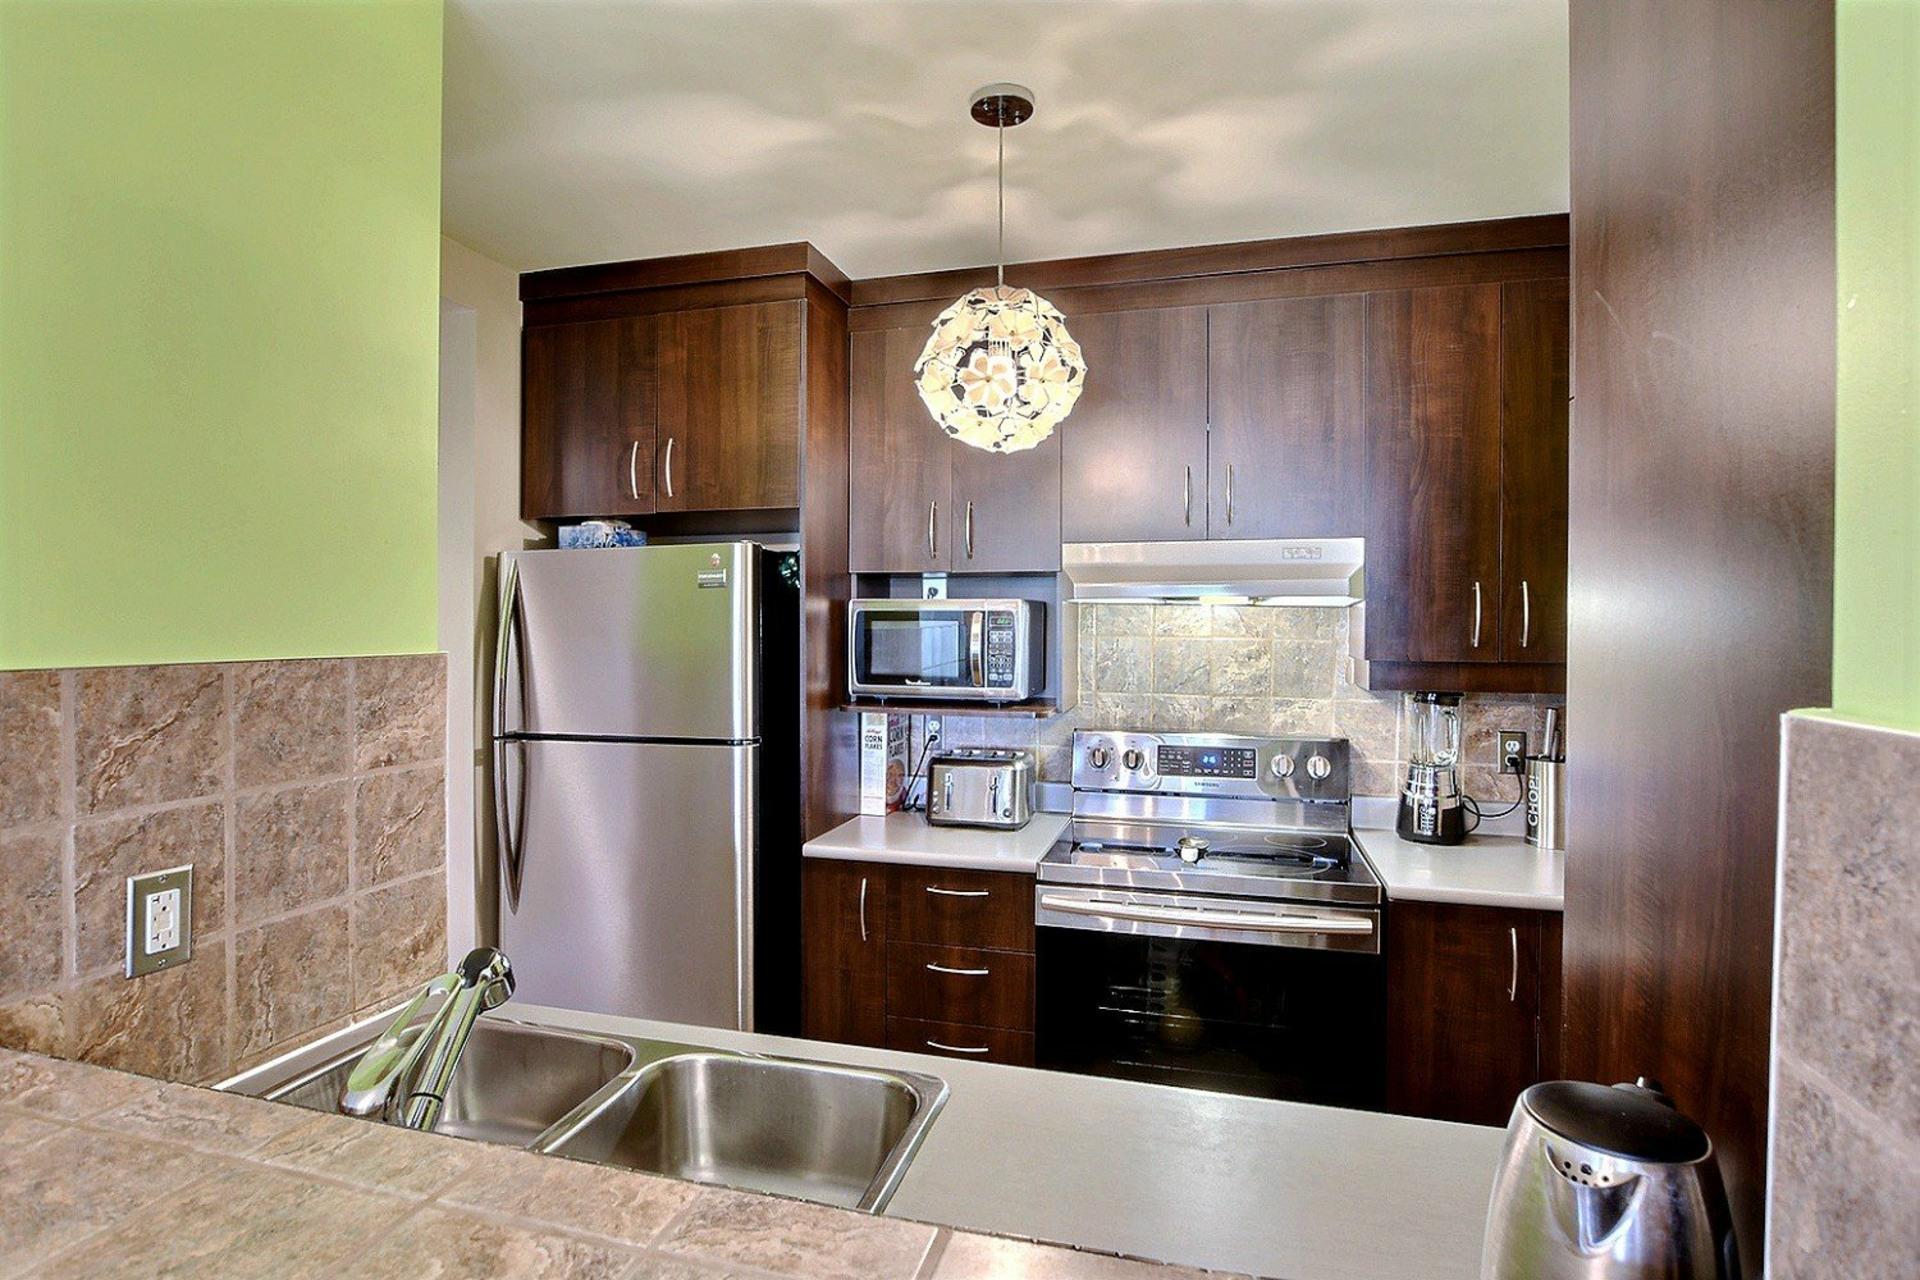 image 7 - Apartment For sale Montréal Côte-des-Neiges/Notre-Dame-de-Grâce  - 4 rooms